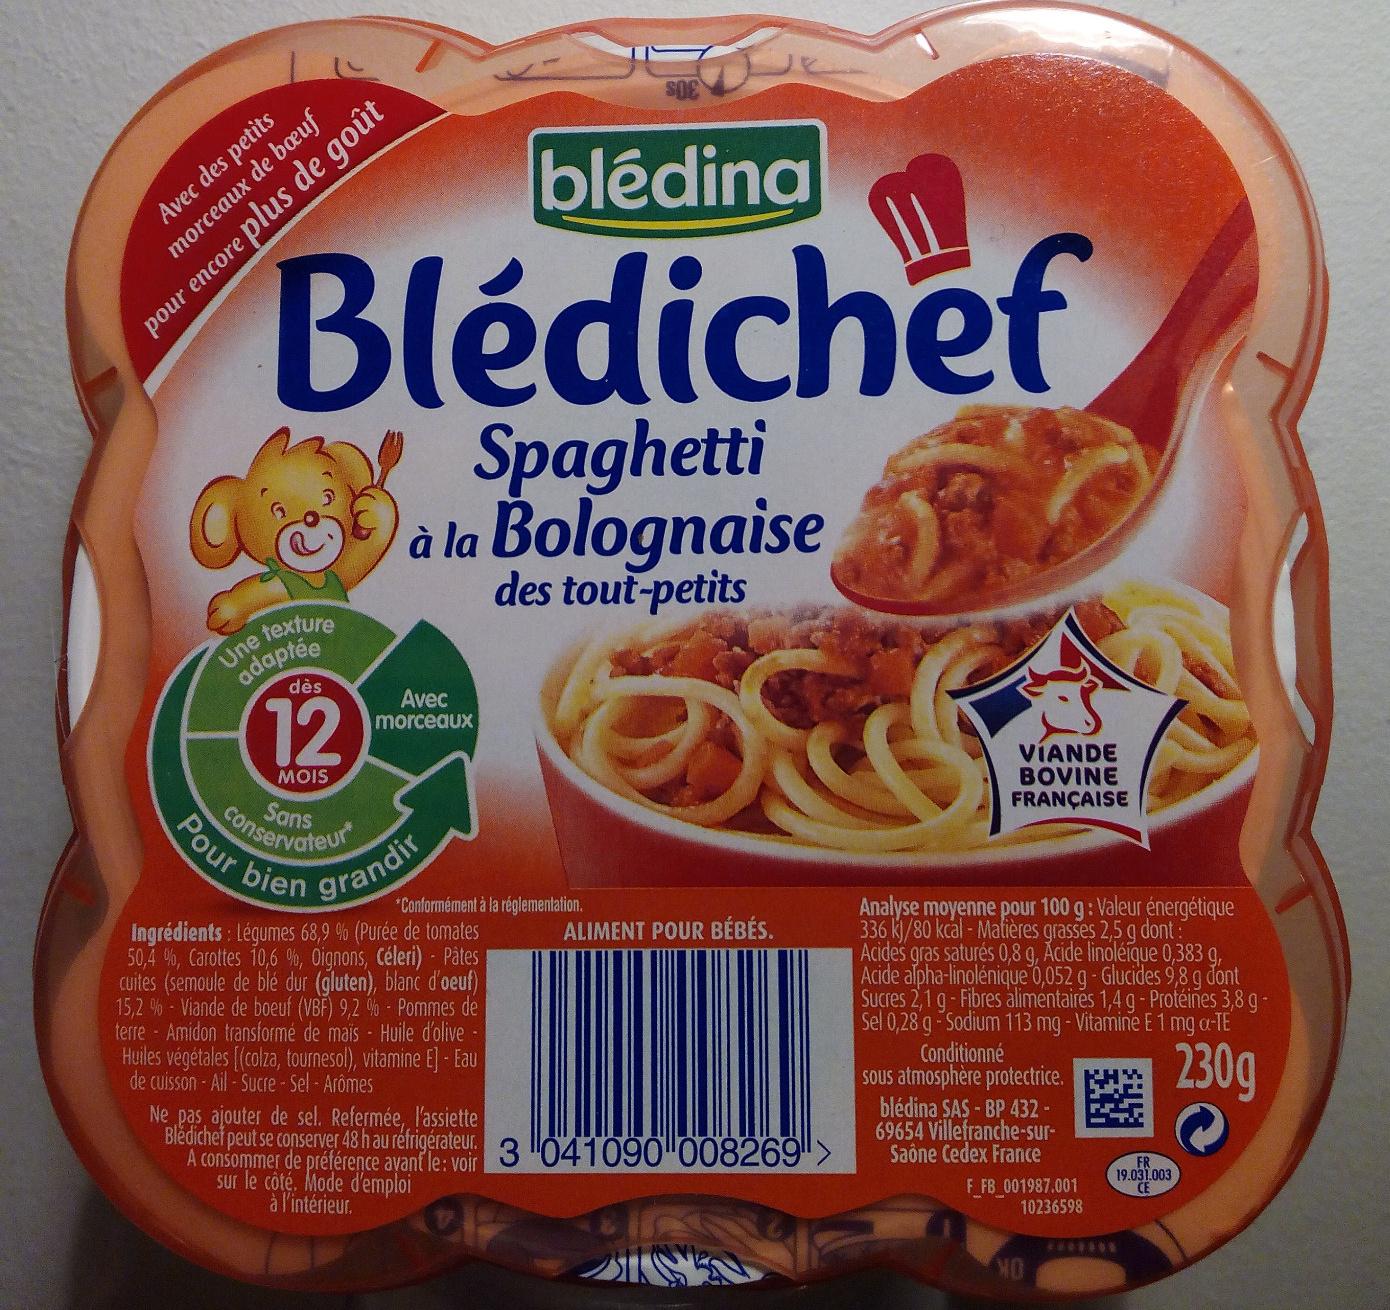 Blédichef, Spaghetti à la Bolognaise - Product